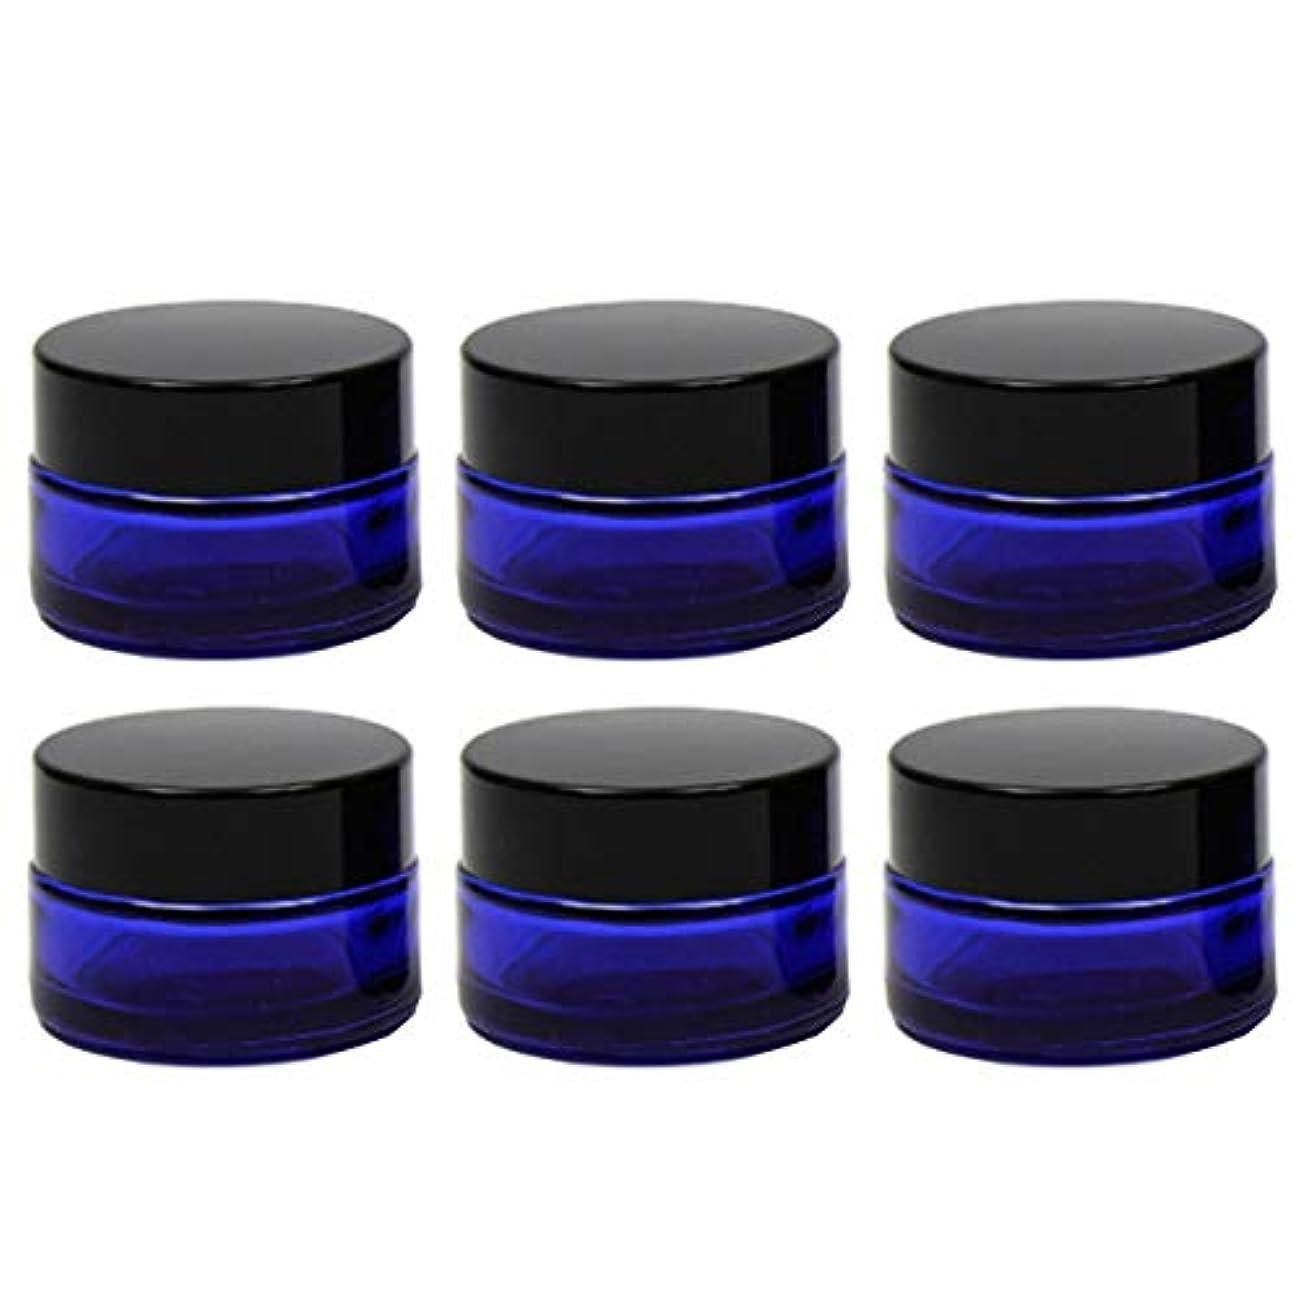 クリーム容器 遮光ジャー 6個セット アロマクリーム ハンドクリーム 遮光瓶 ガラス 瓶 アロマ ボトル ビン 保存 詰替え 青色 ブルー (20g?6個)